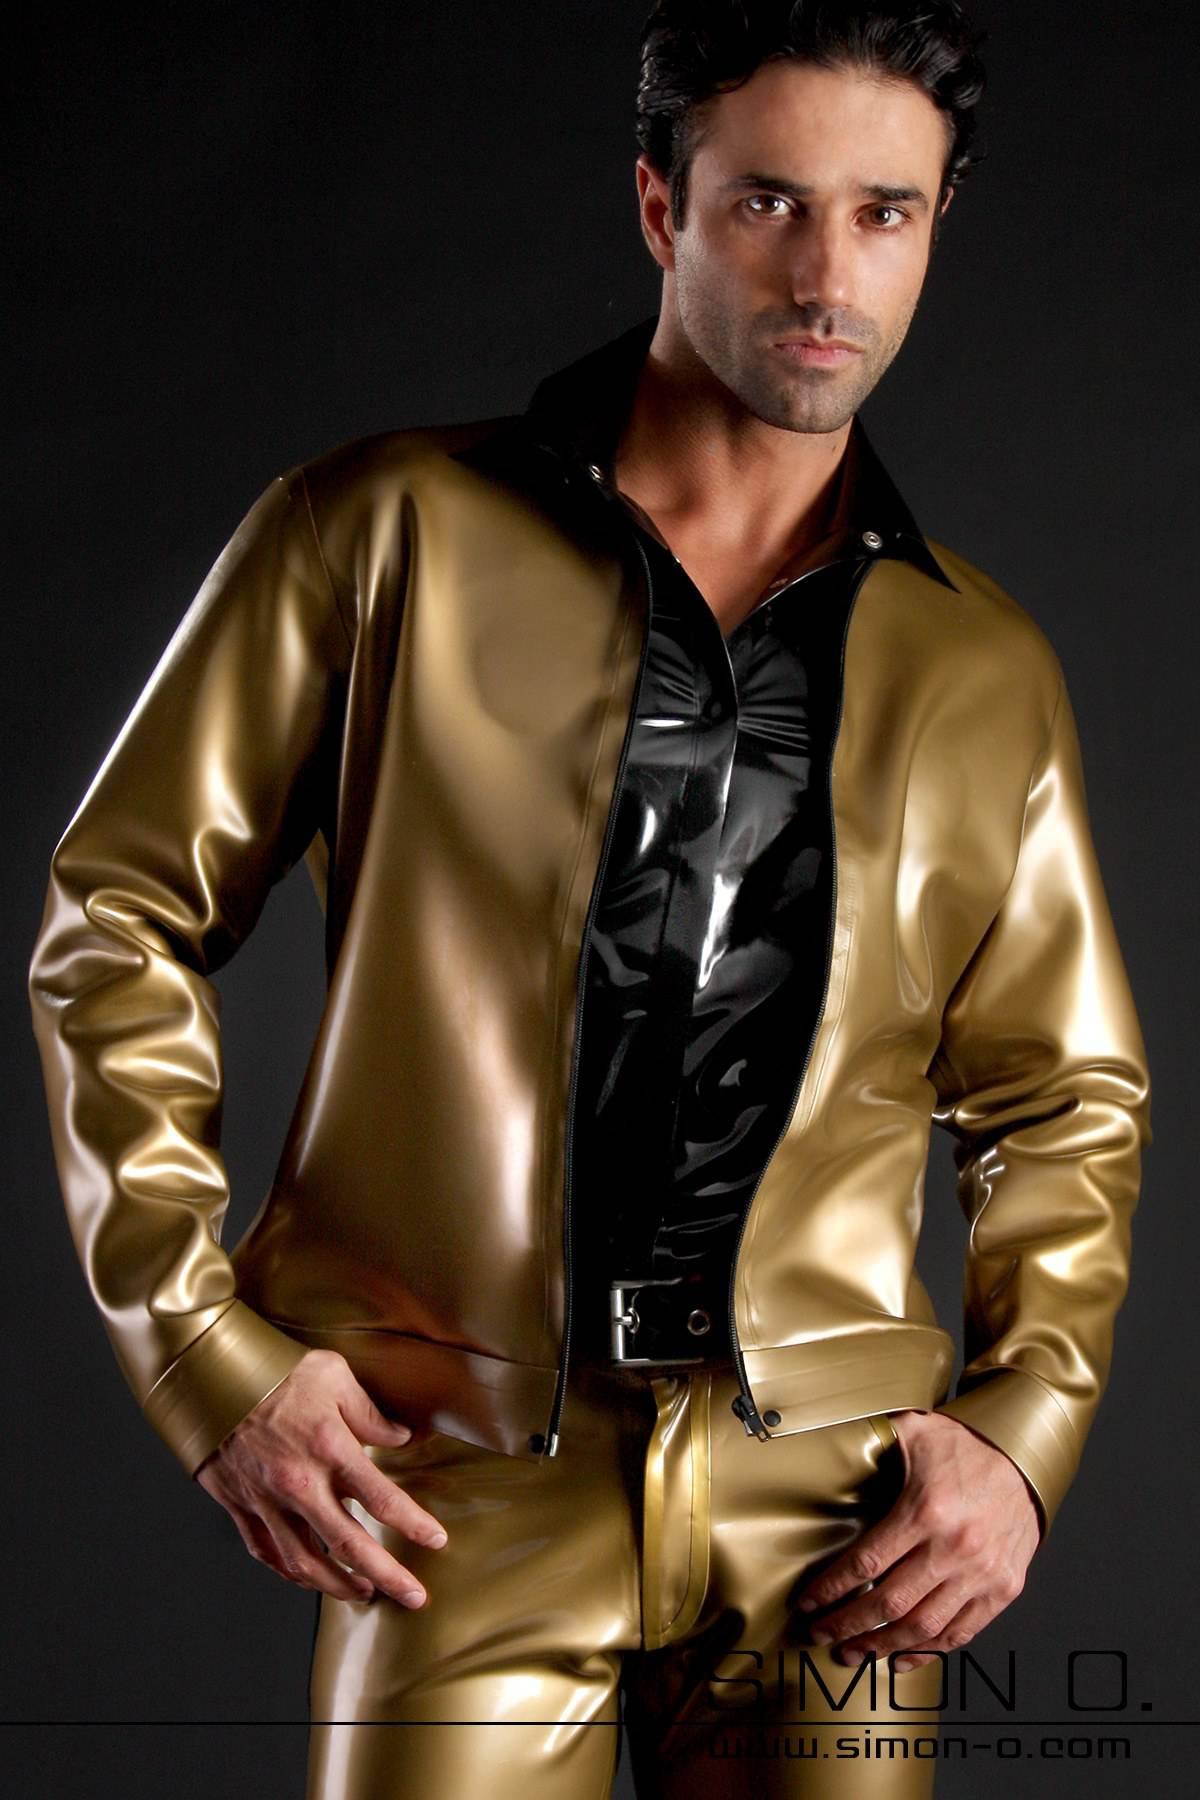 Ein Mann trägt eine goldene Herren Latex Jacke